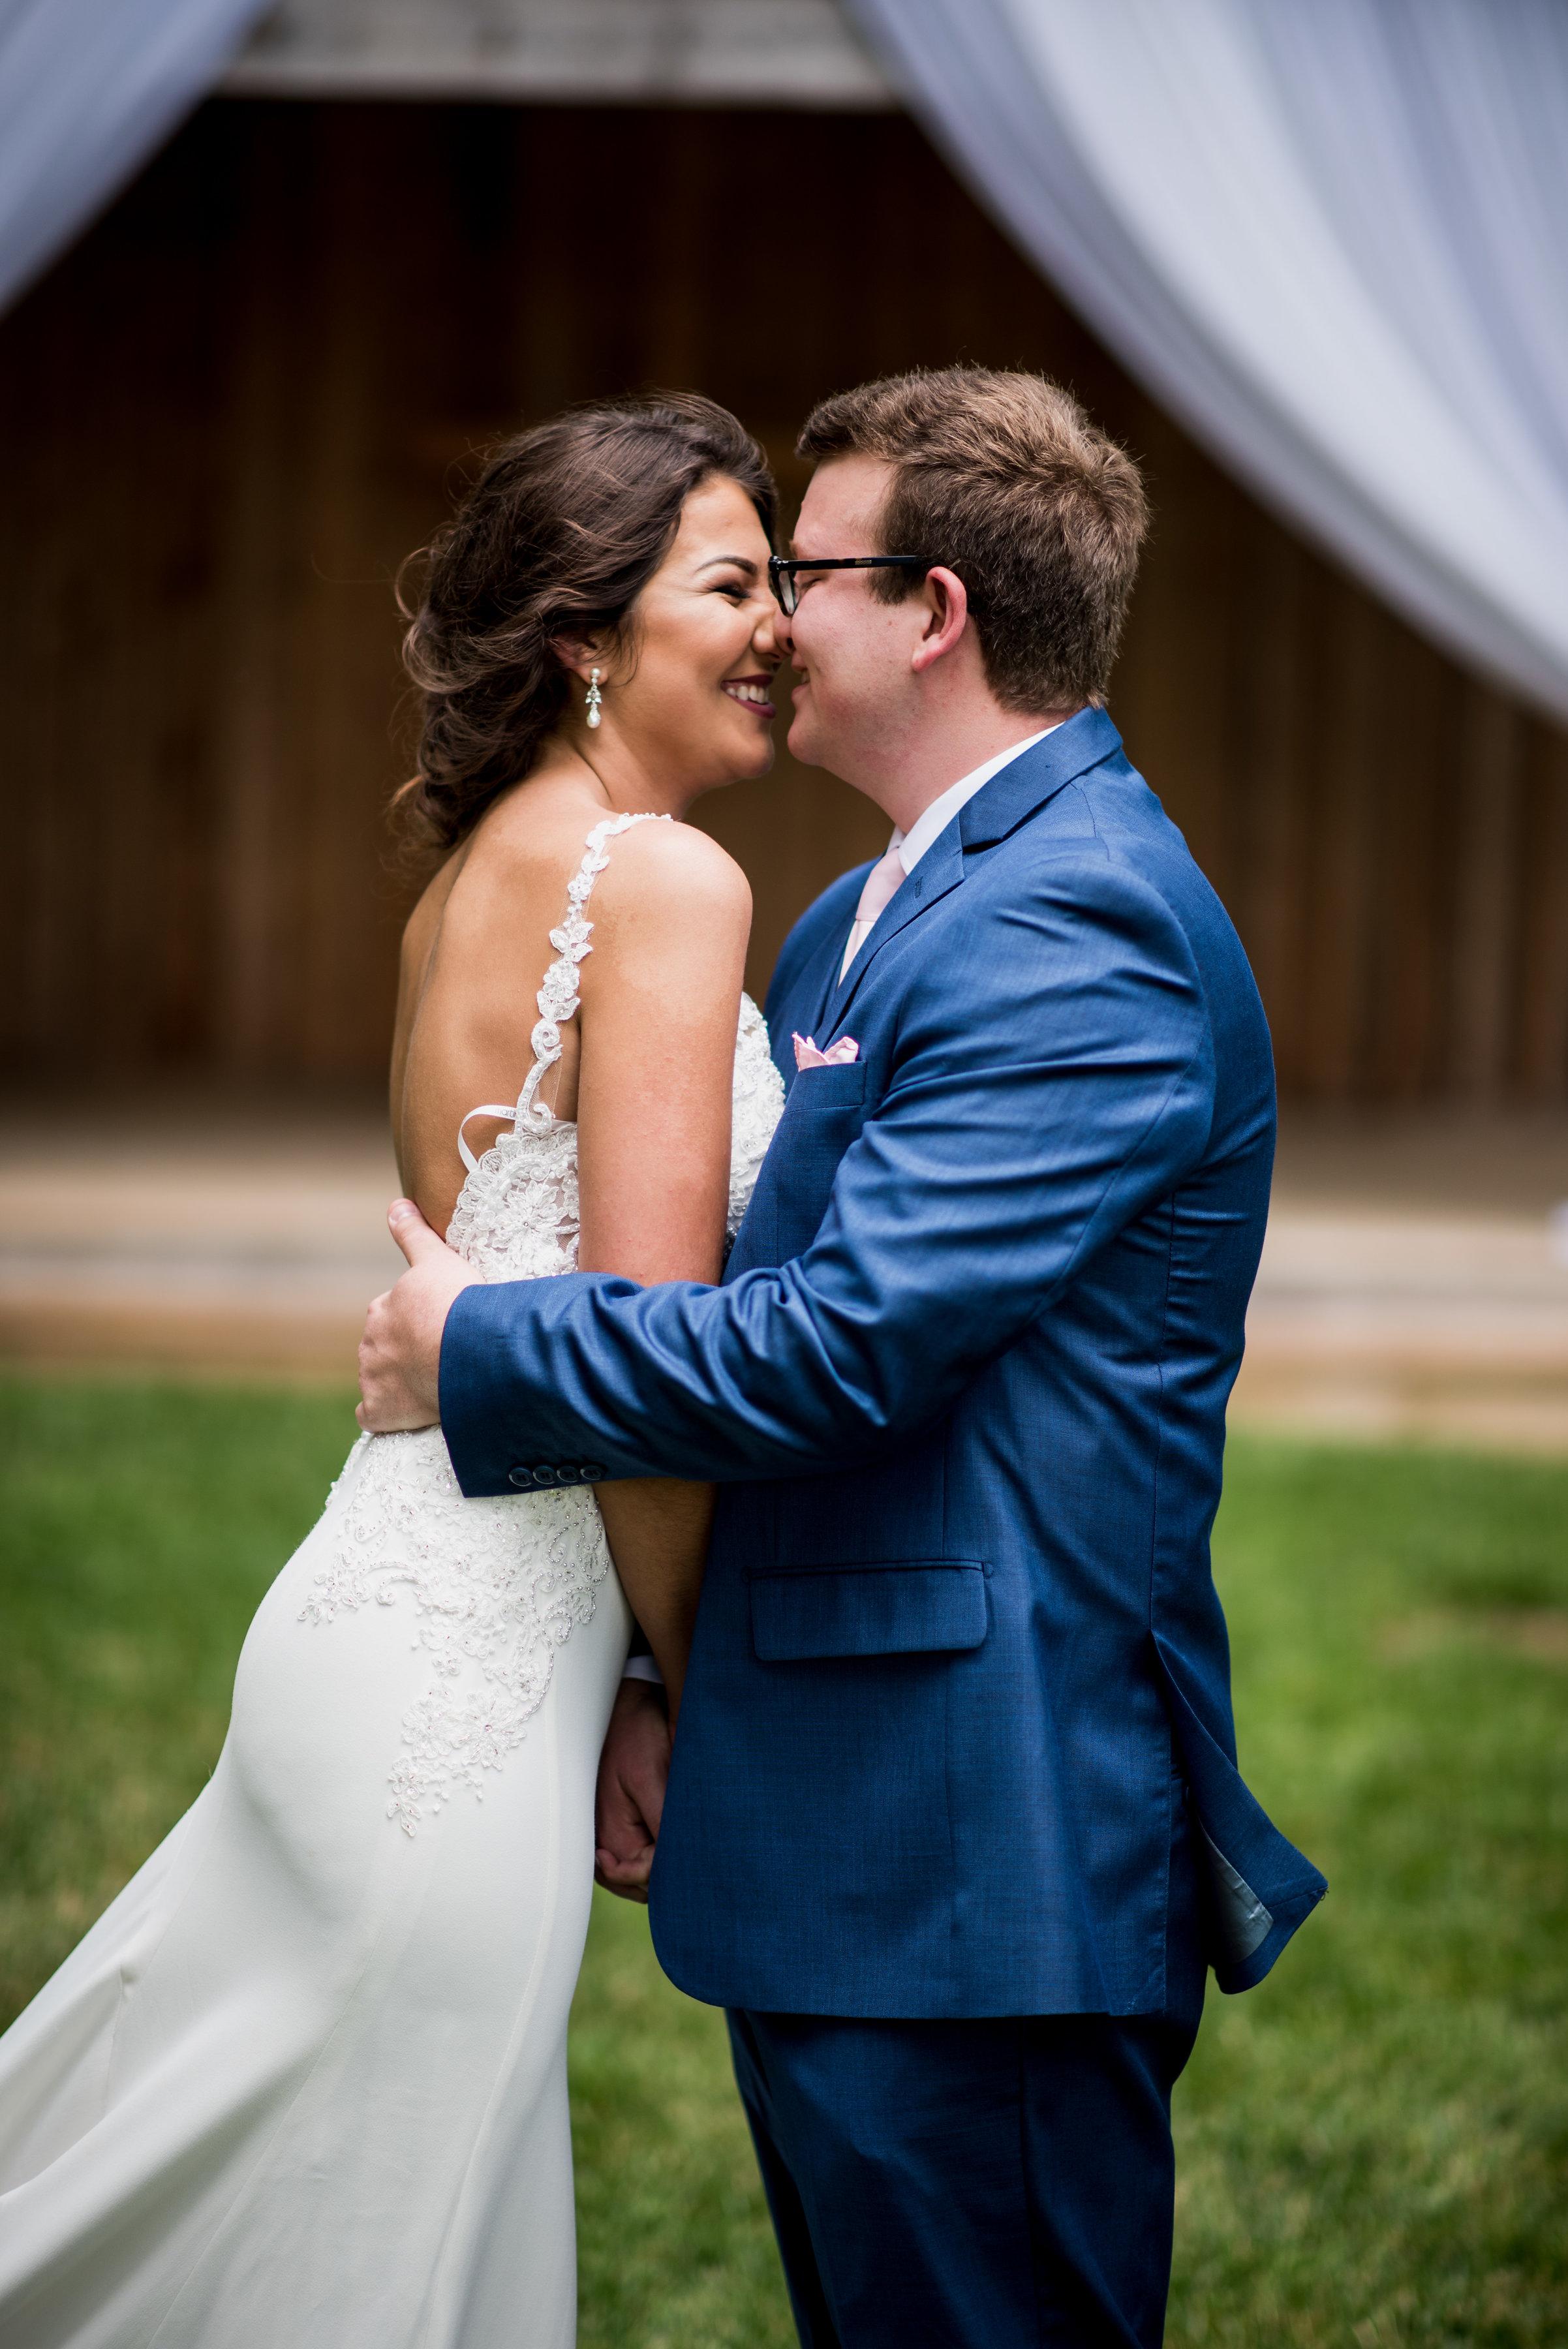 Saddlewood-Farms-Nashville-Wedding-Photographers-123.jpg